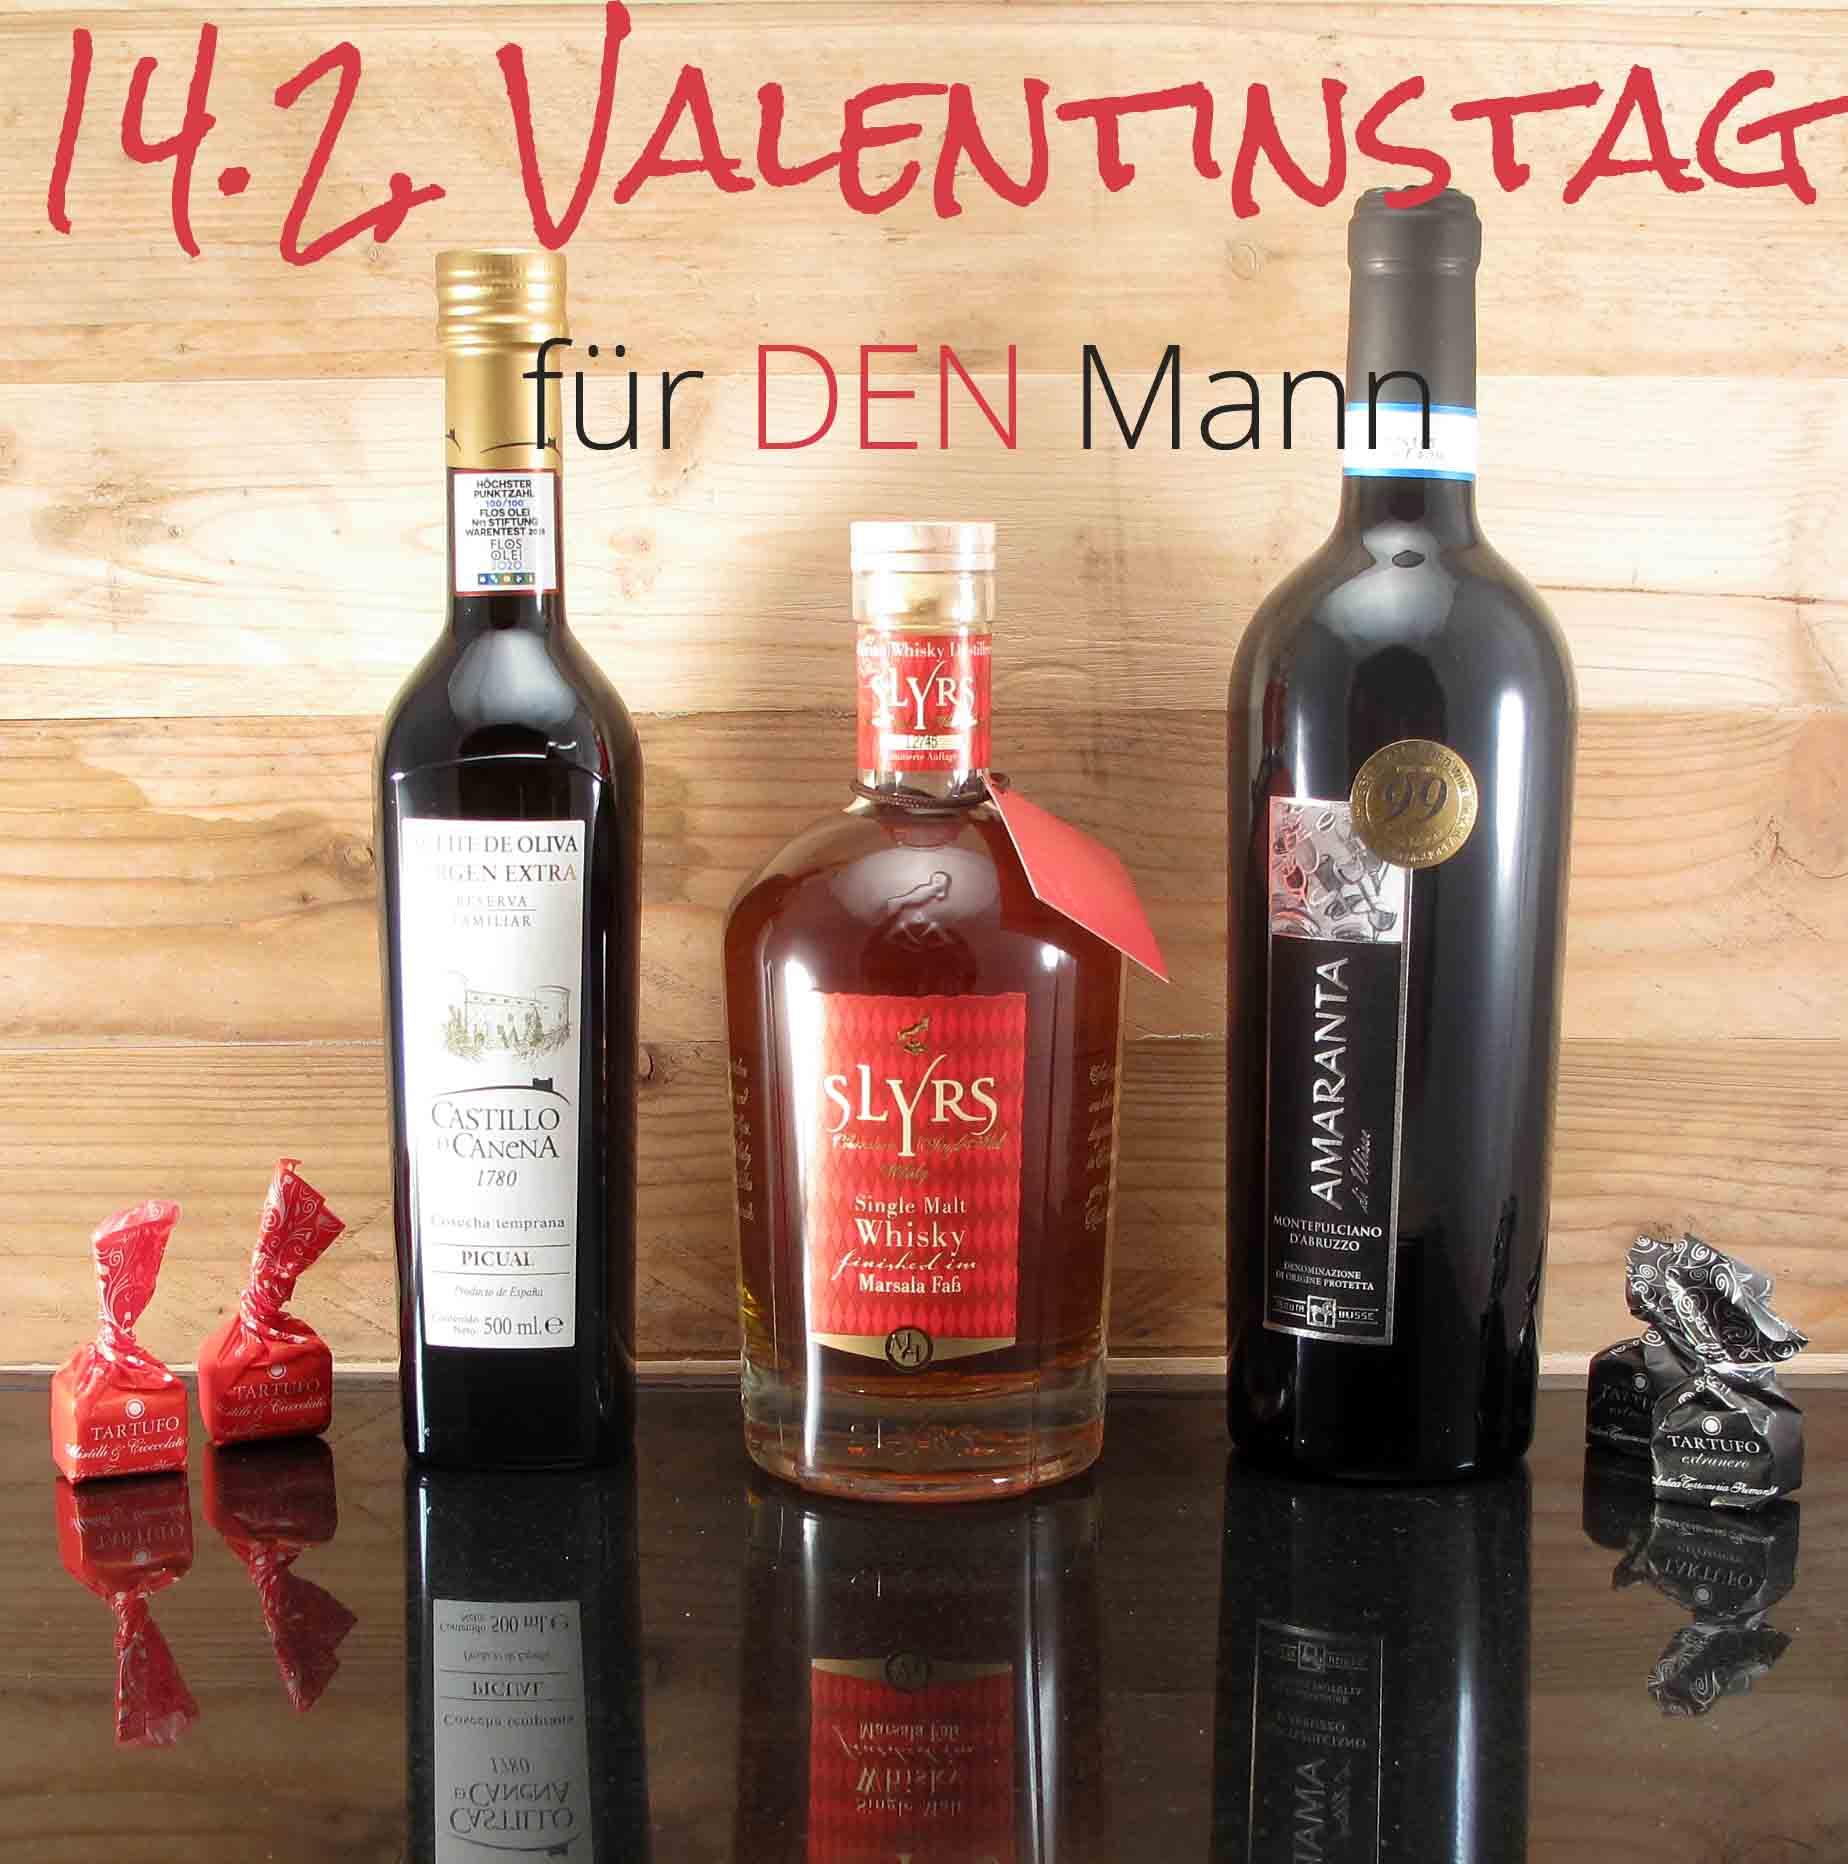 Valentinstag-fur-DEN-Mann